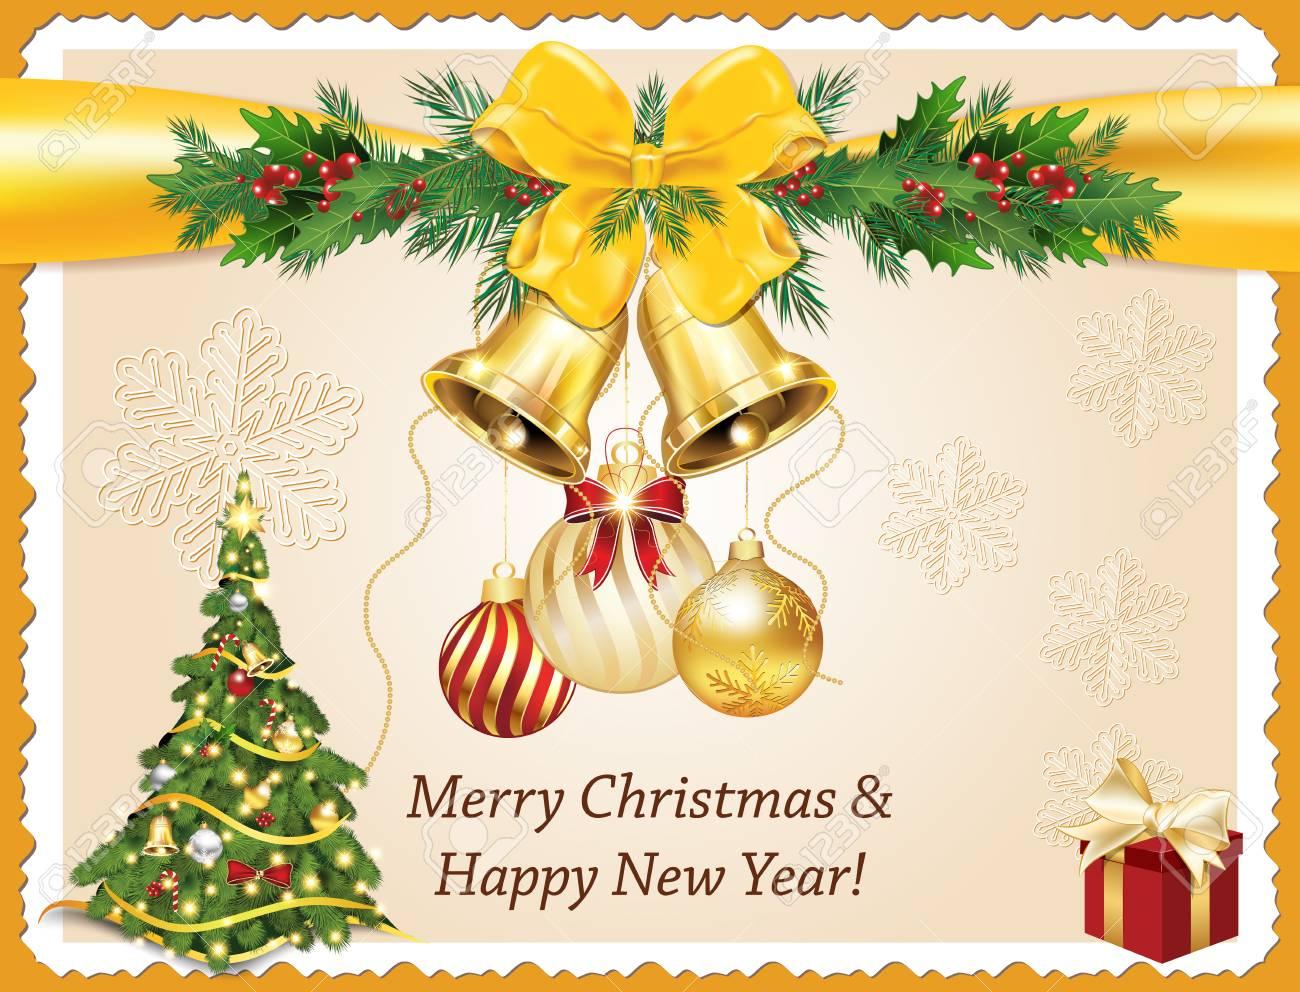 Joyeux Noel Et Bonne Année! Élégante Carte De Voeux Imprimable Avec Arbre  De Noël, Boules De Noël, Clochettes, Décorations De Noël. Imprimer Les serapportantà Décorations De Noel À Imprimer